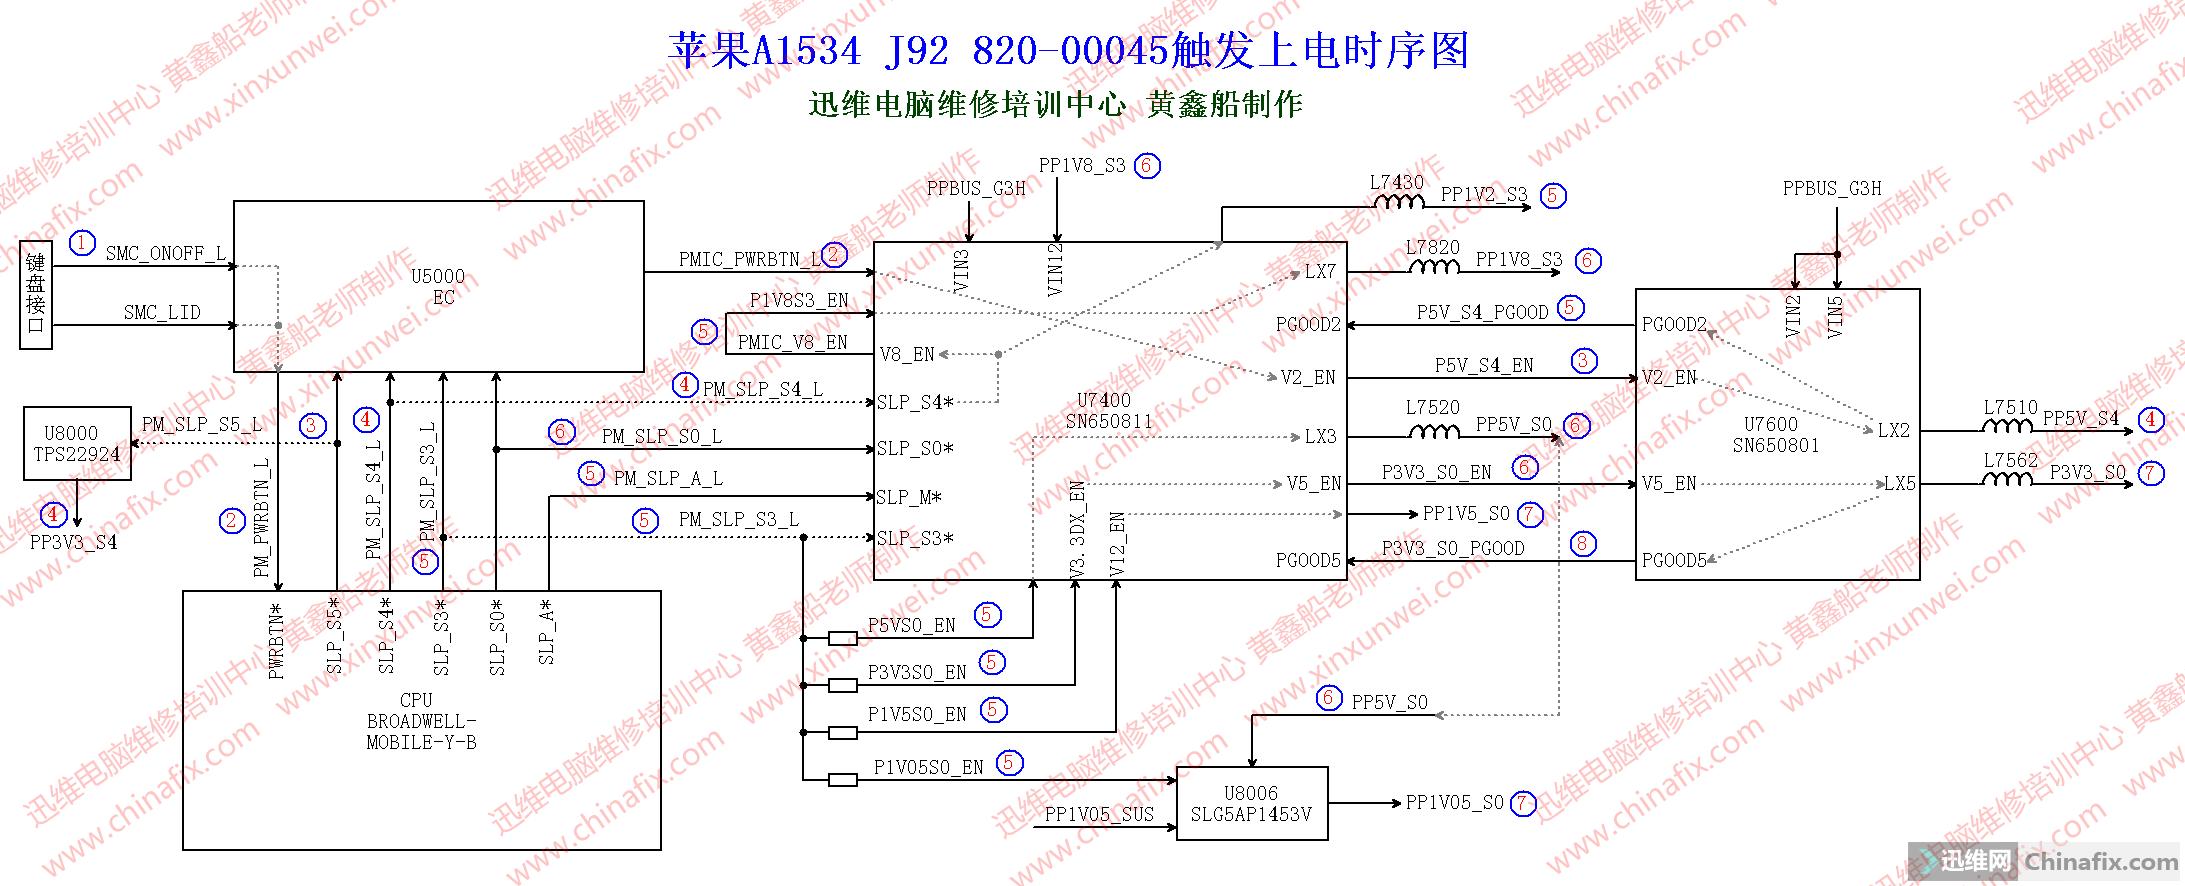 A1534触发上电时序图副本.png